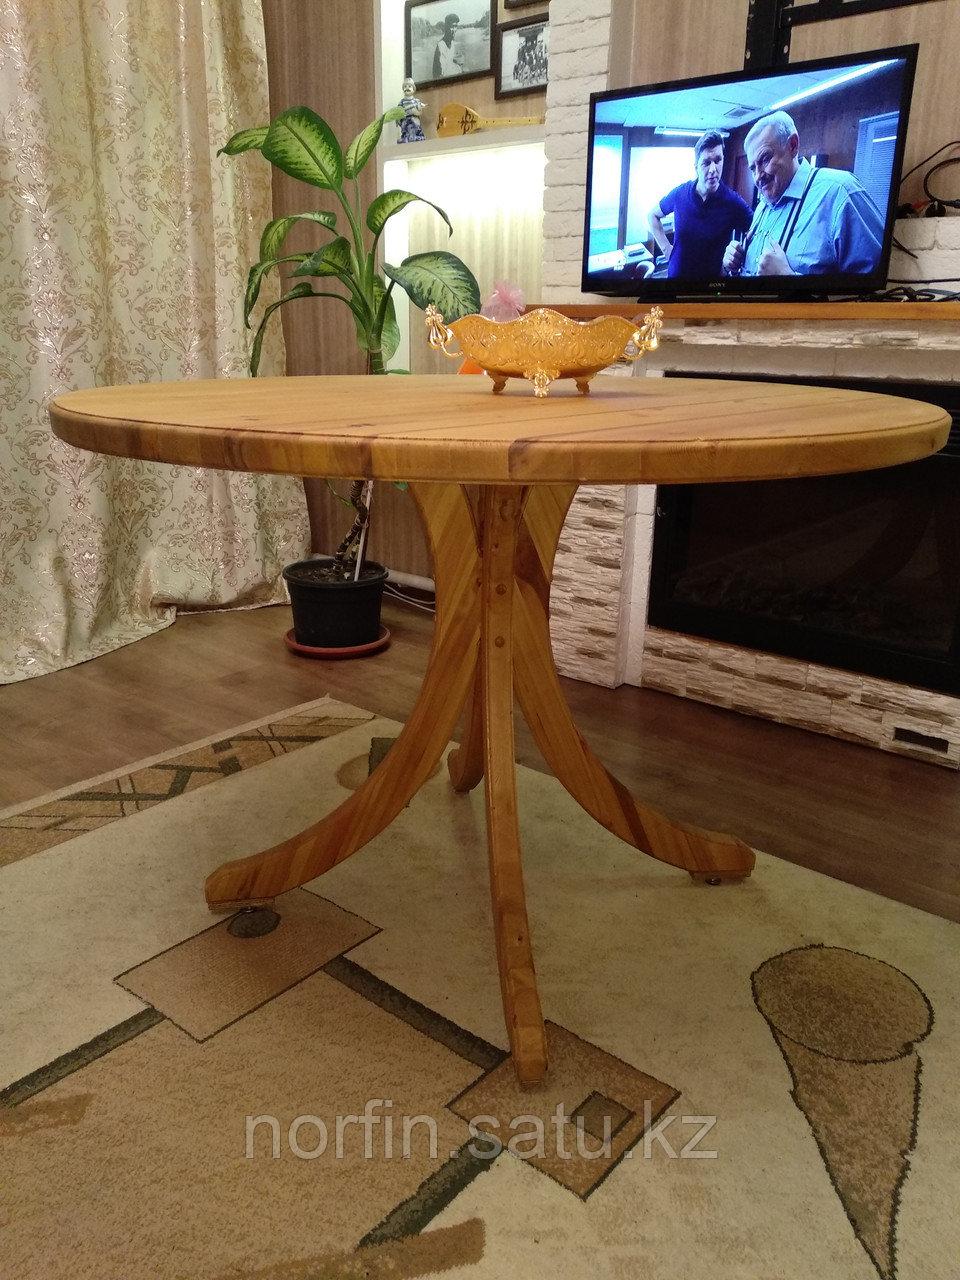 Деревянный обеденный круглый стол из массива дерева